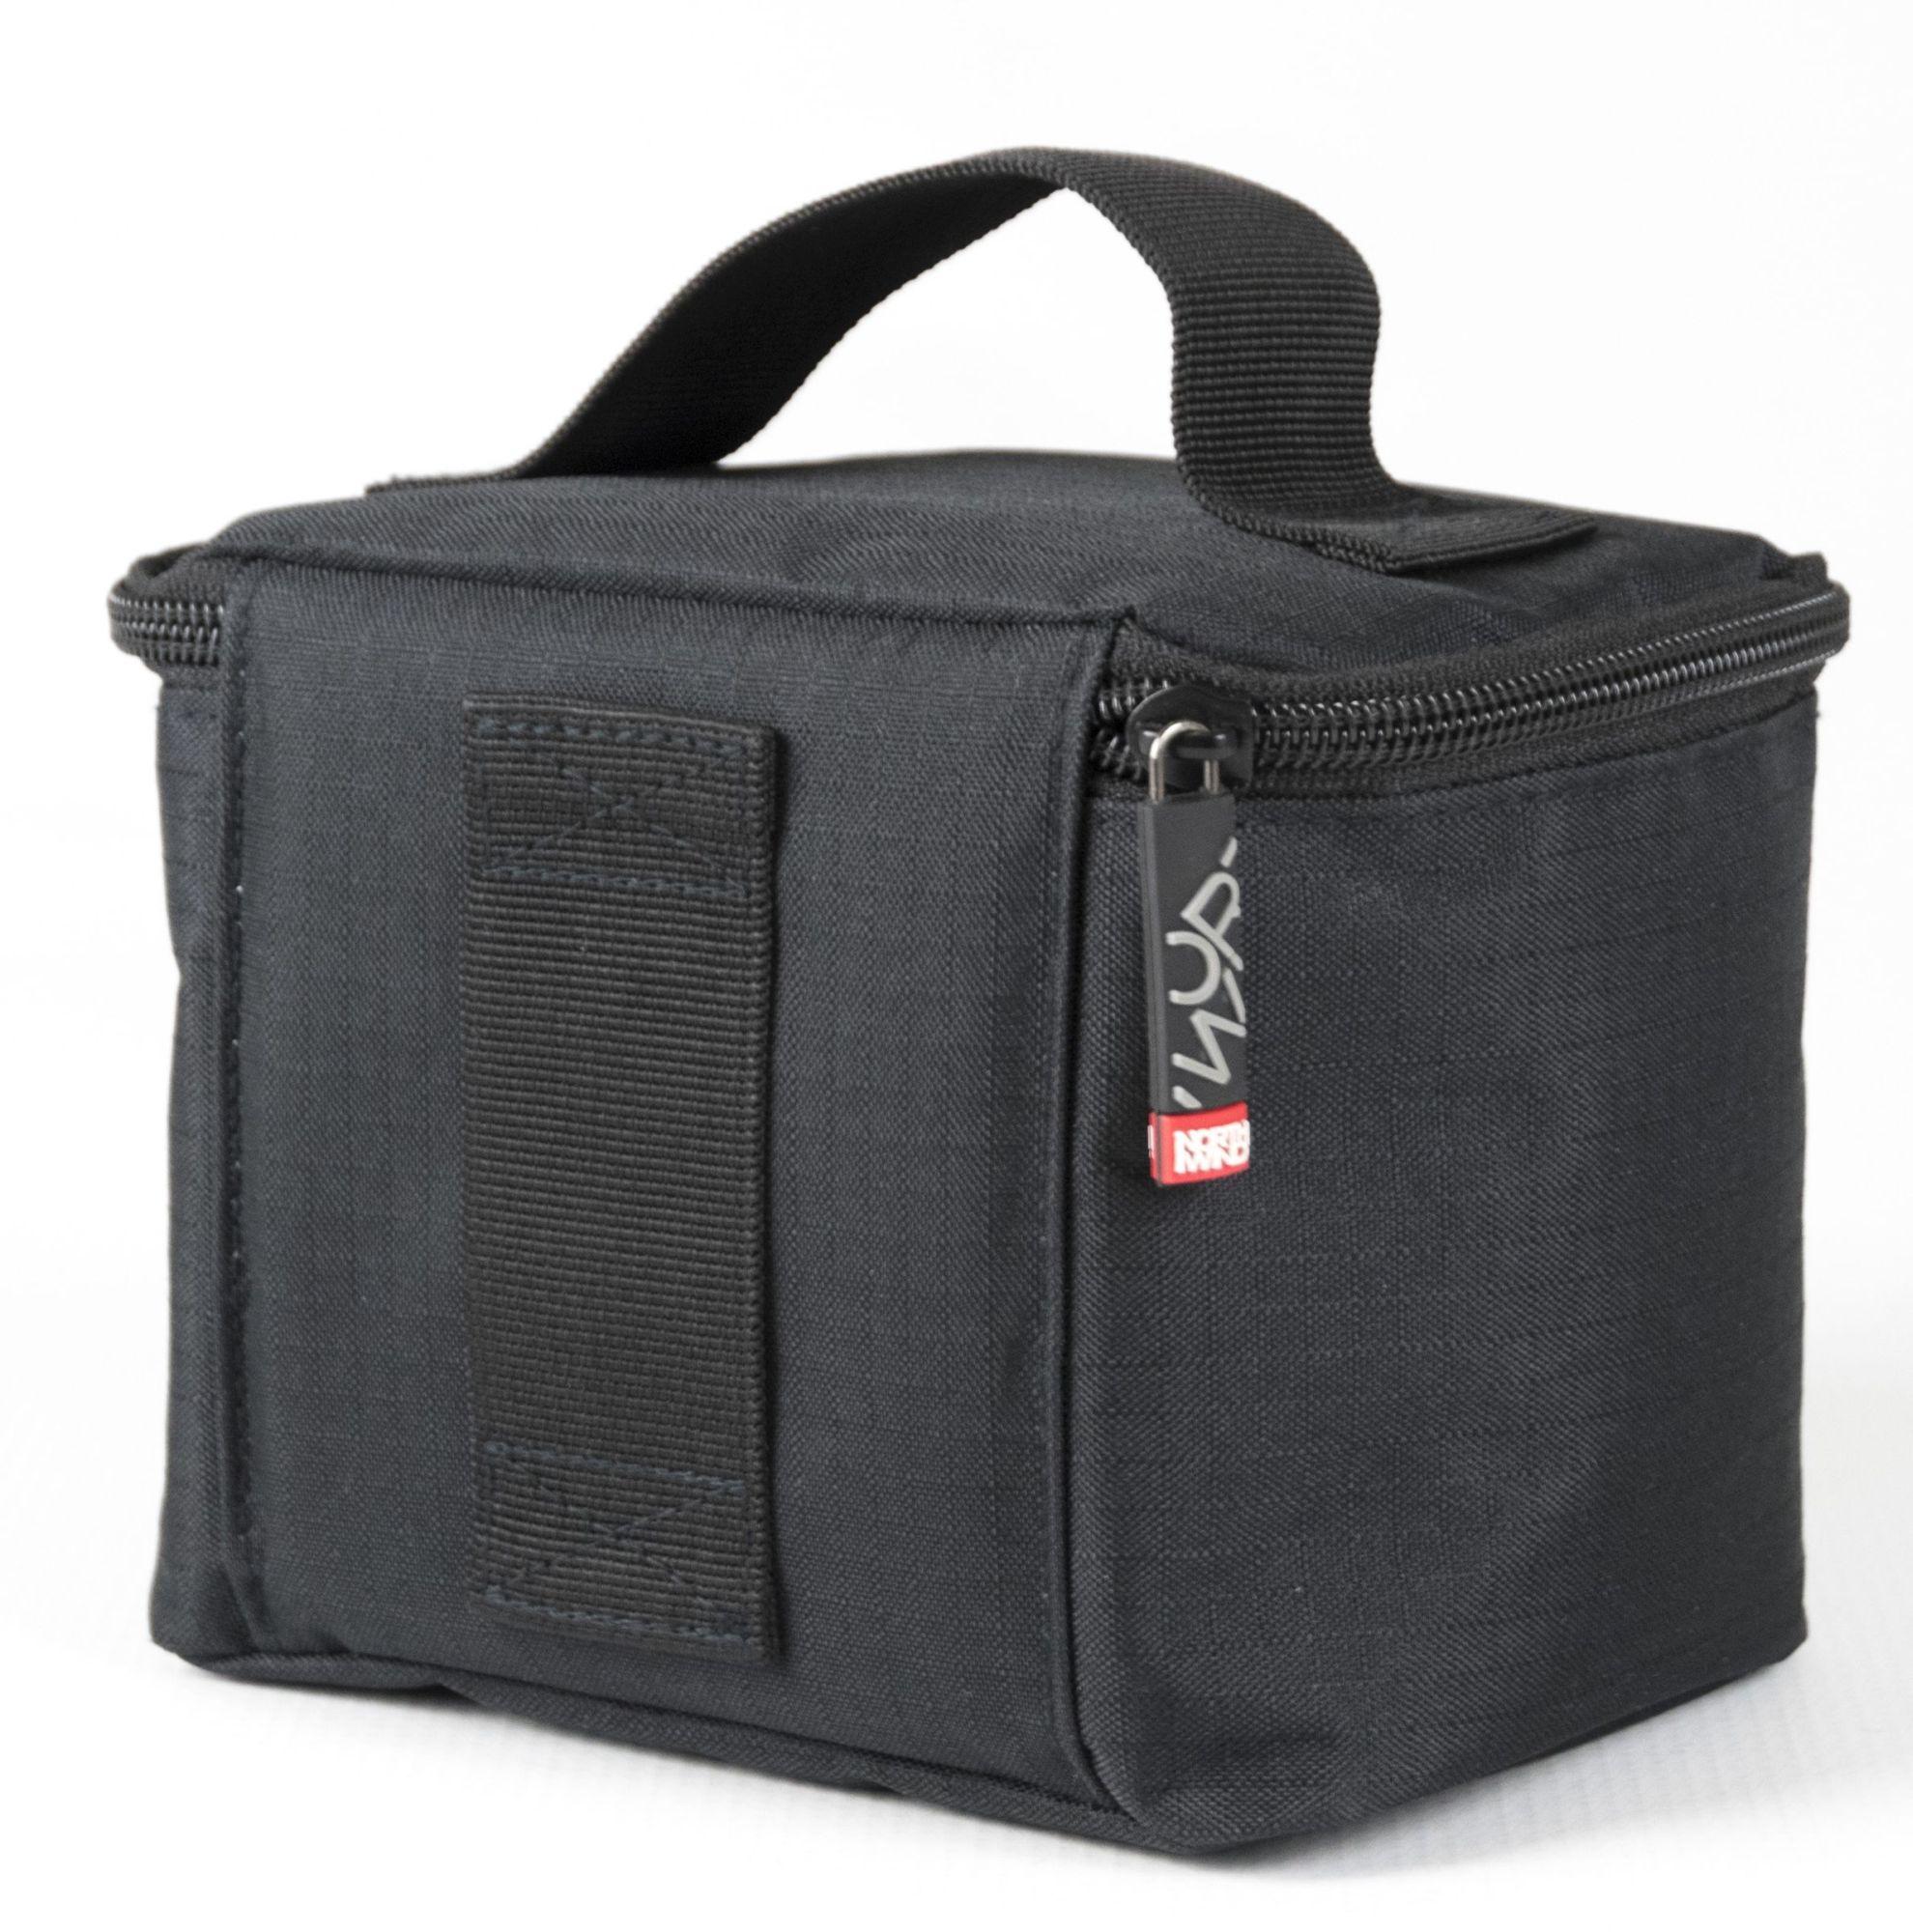 Northwind Cool Bag Innentasche für Smartbag